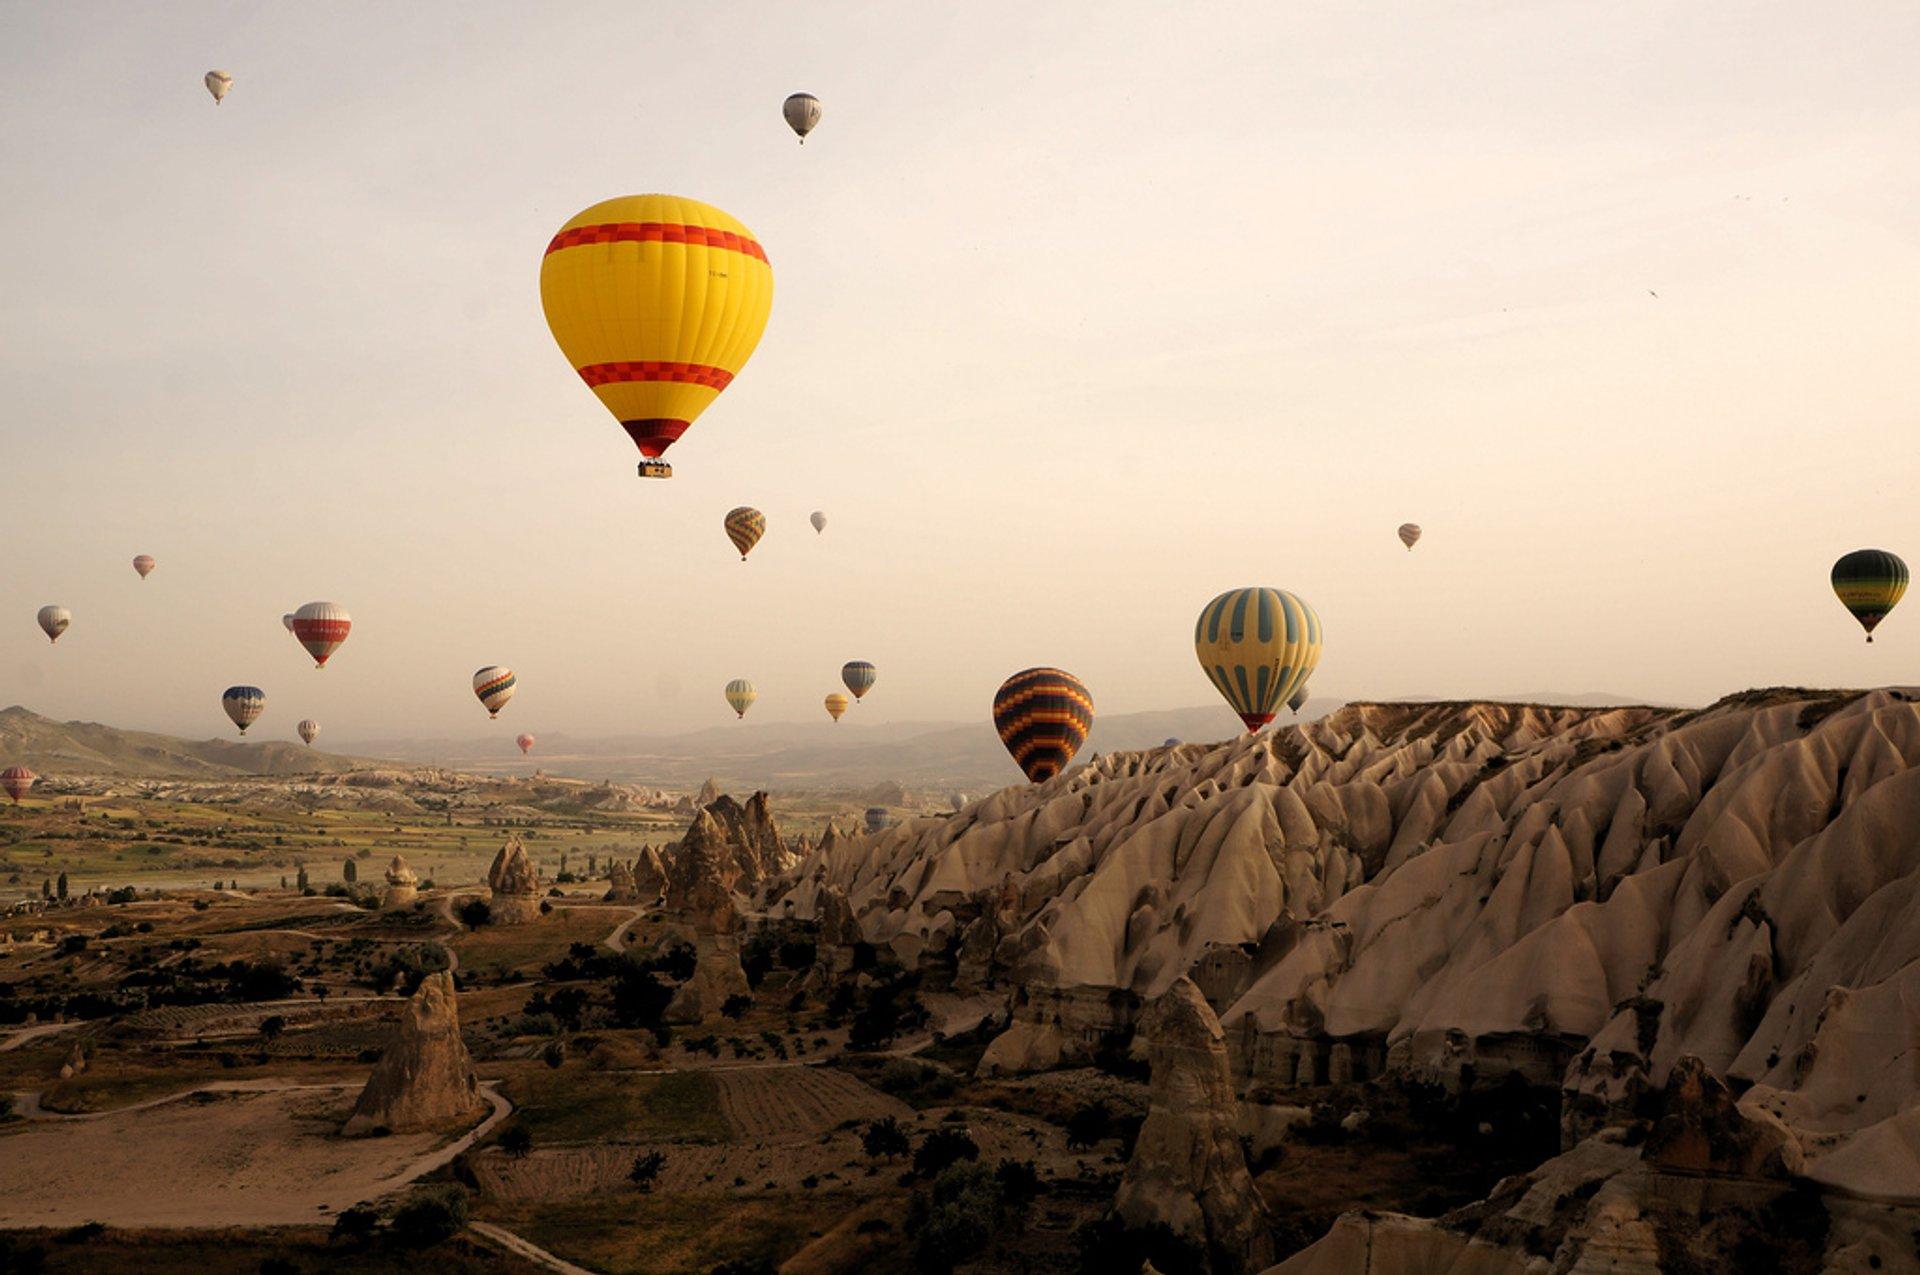 Ballooning Сhallenge in Cappadocia 2020 - Best Time